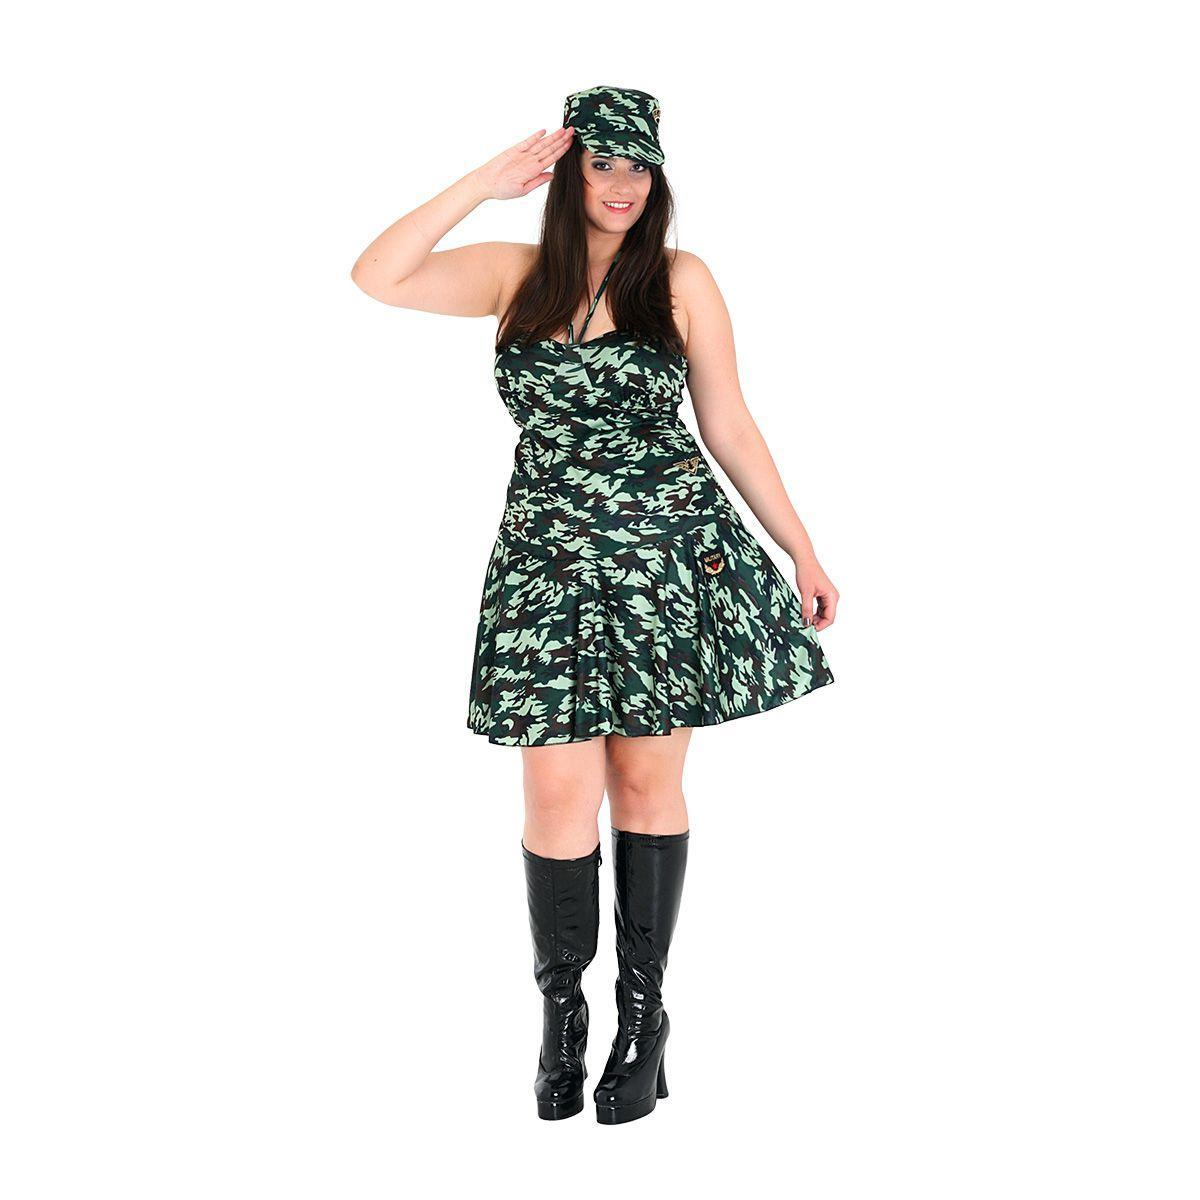 fedc7f5e0ff263 Fantasia Militar Vestido - Plus Size - Police